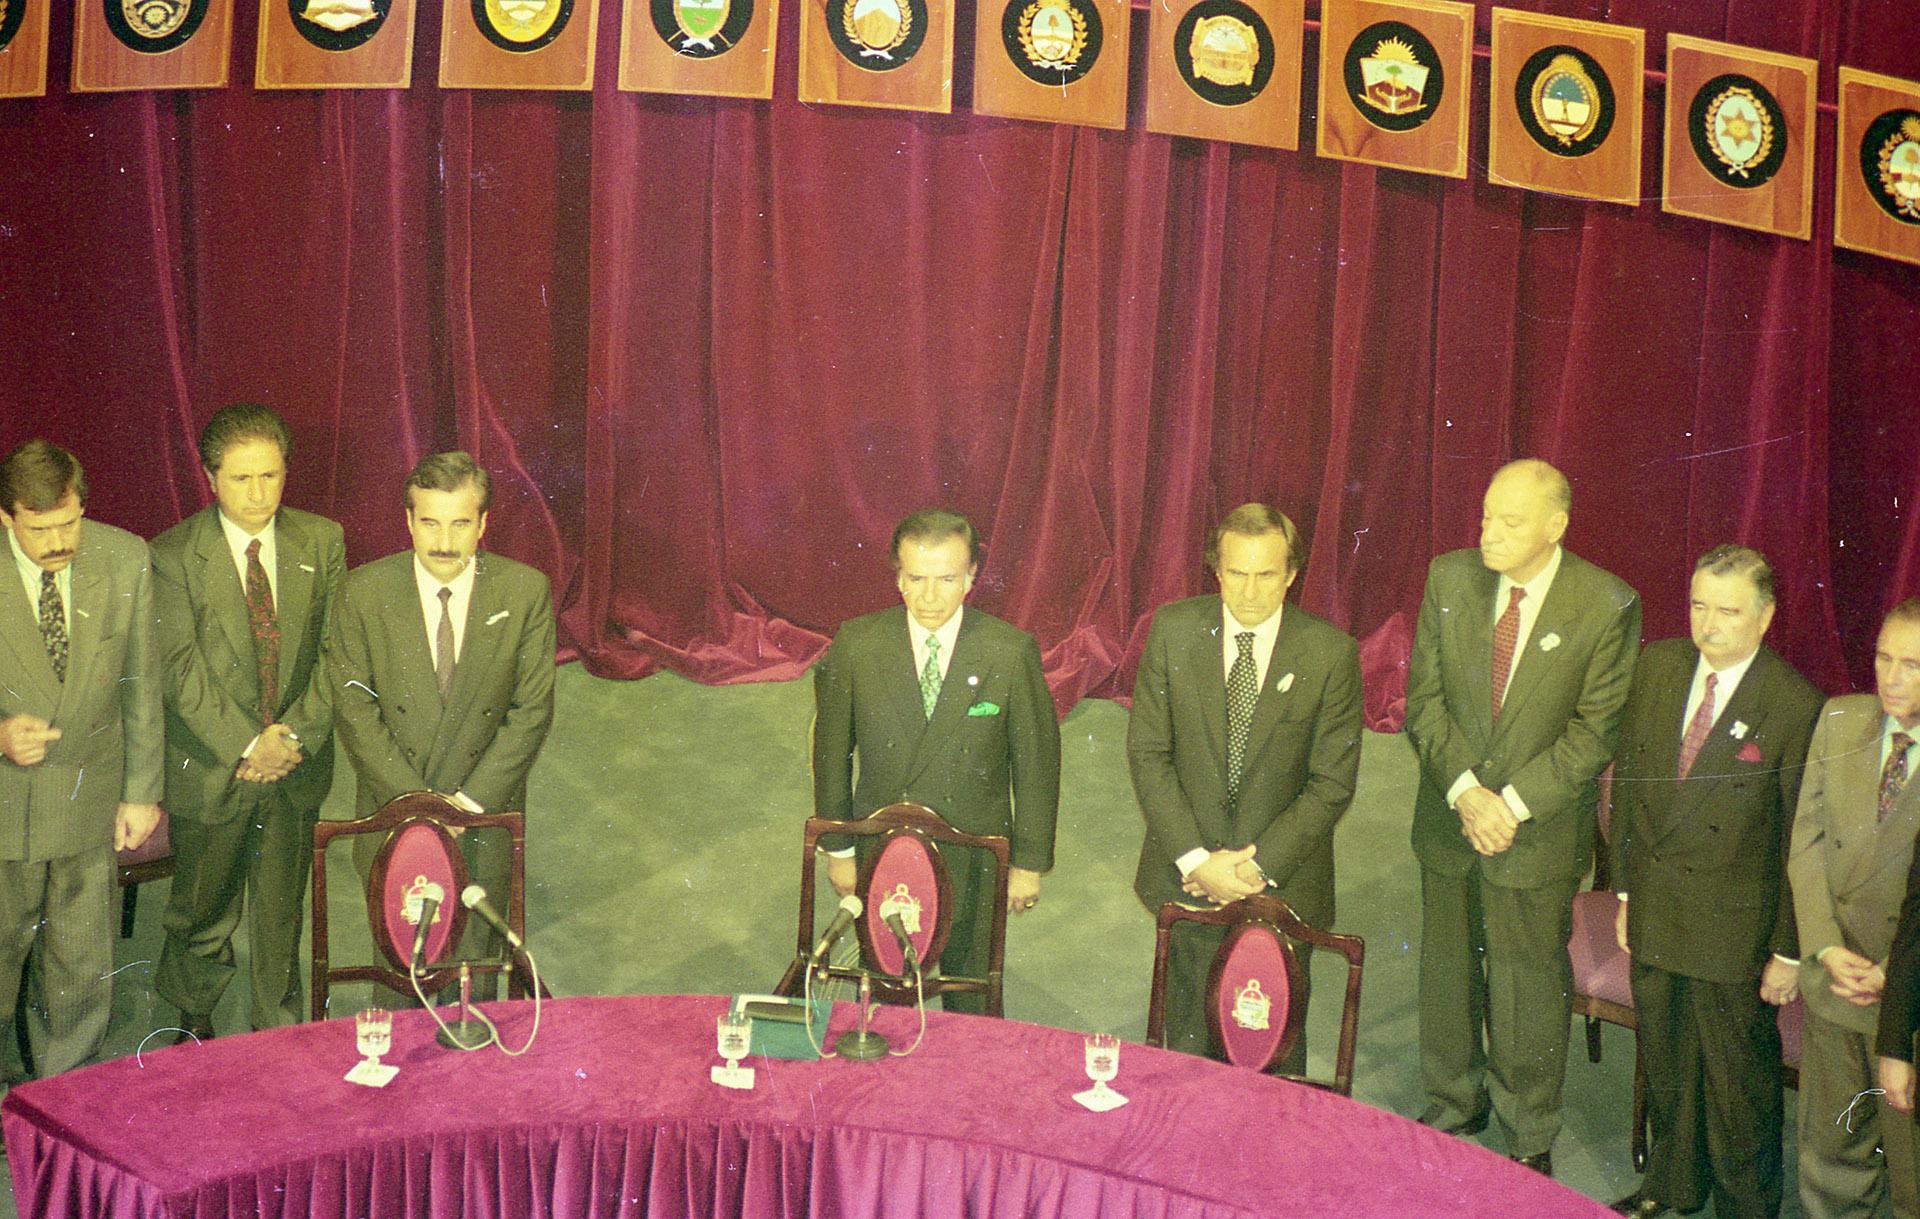 Finalización de la Asamblea Constituyente. Junto a Carlos Menem, Alberto Reutemann que, como gobernador de la provincia de Santa Fe, era el anfitrión. También fue constituyente.